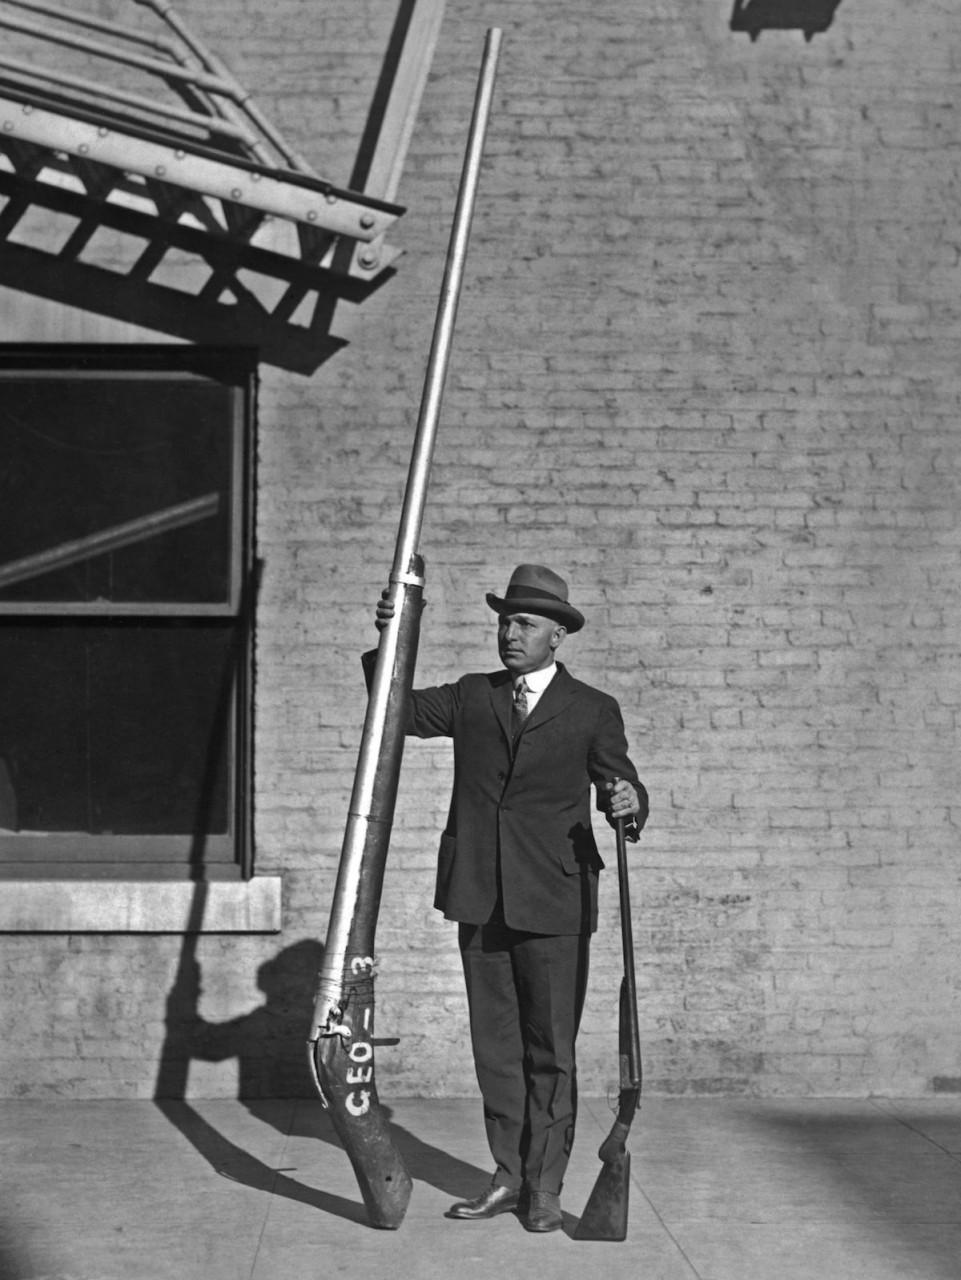 Уточницы - колоссальные ружья для массового уничтожения птиц (1910-1920гг)